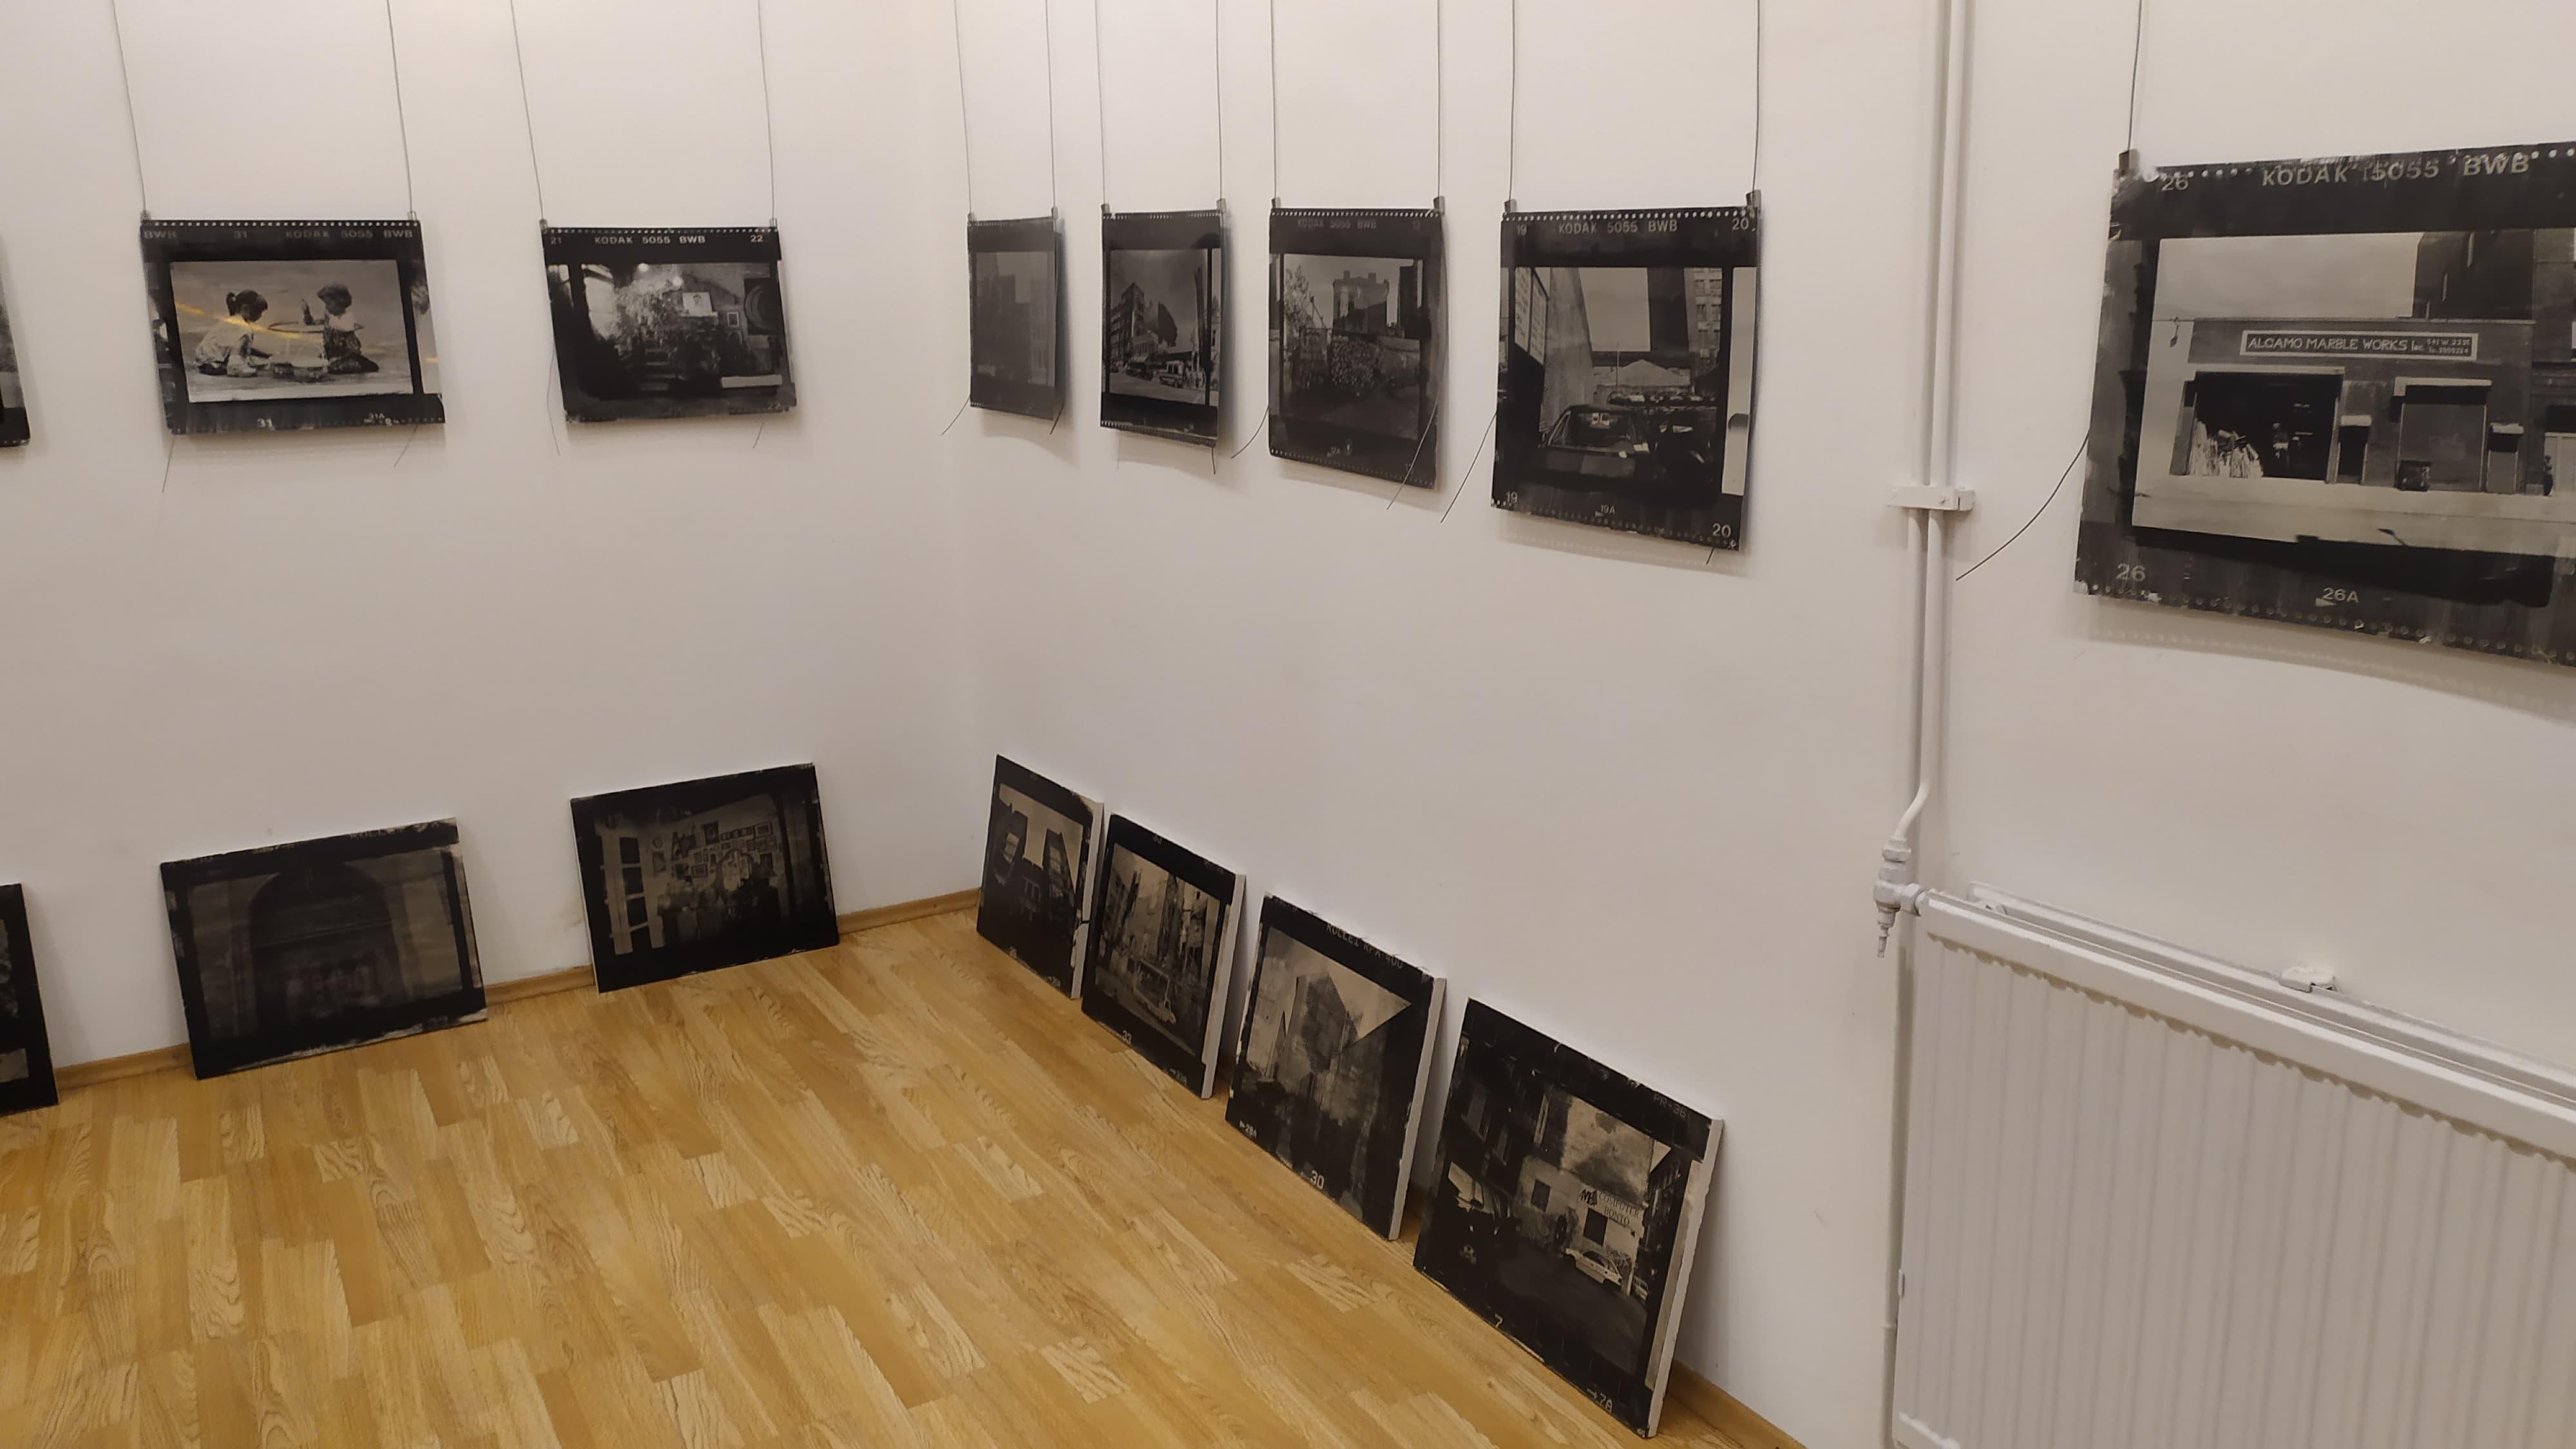 Fém és Kő - New York és Budapest című kiállítás az ArtPhoto Galériában